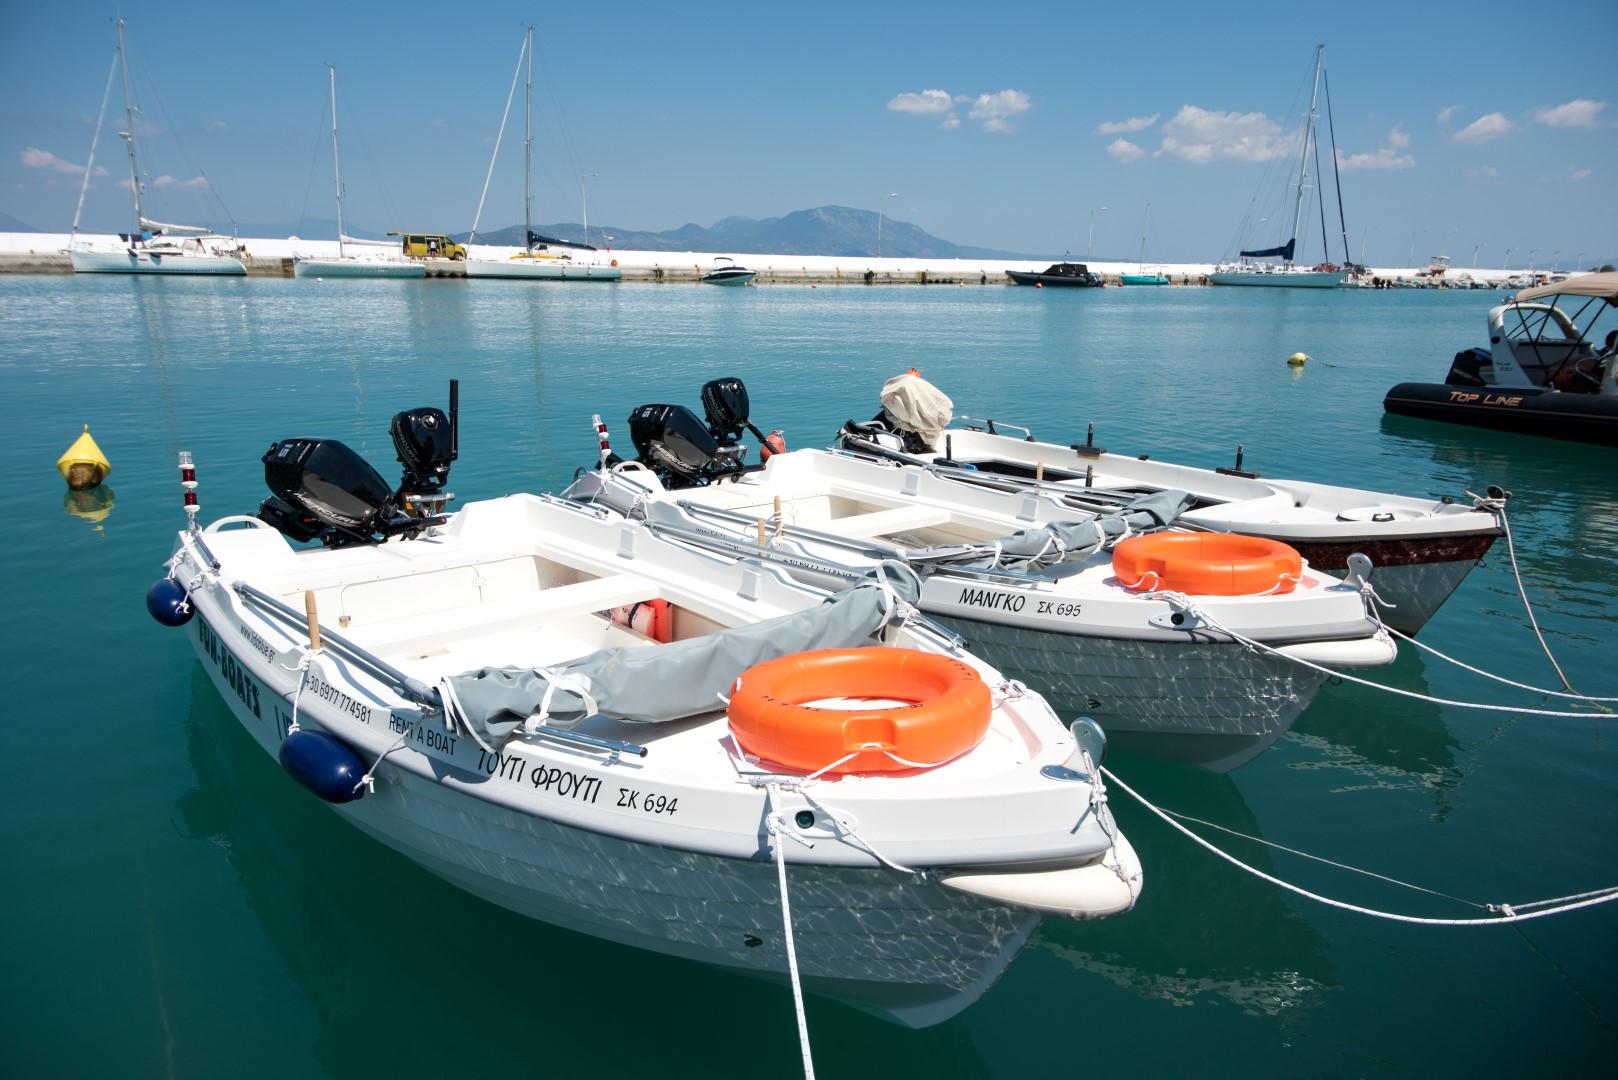 Small boats for rent at Kiato Marina